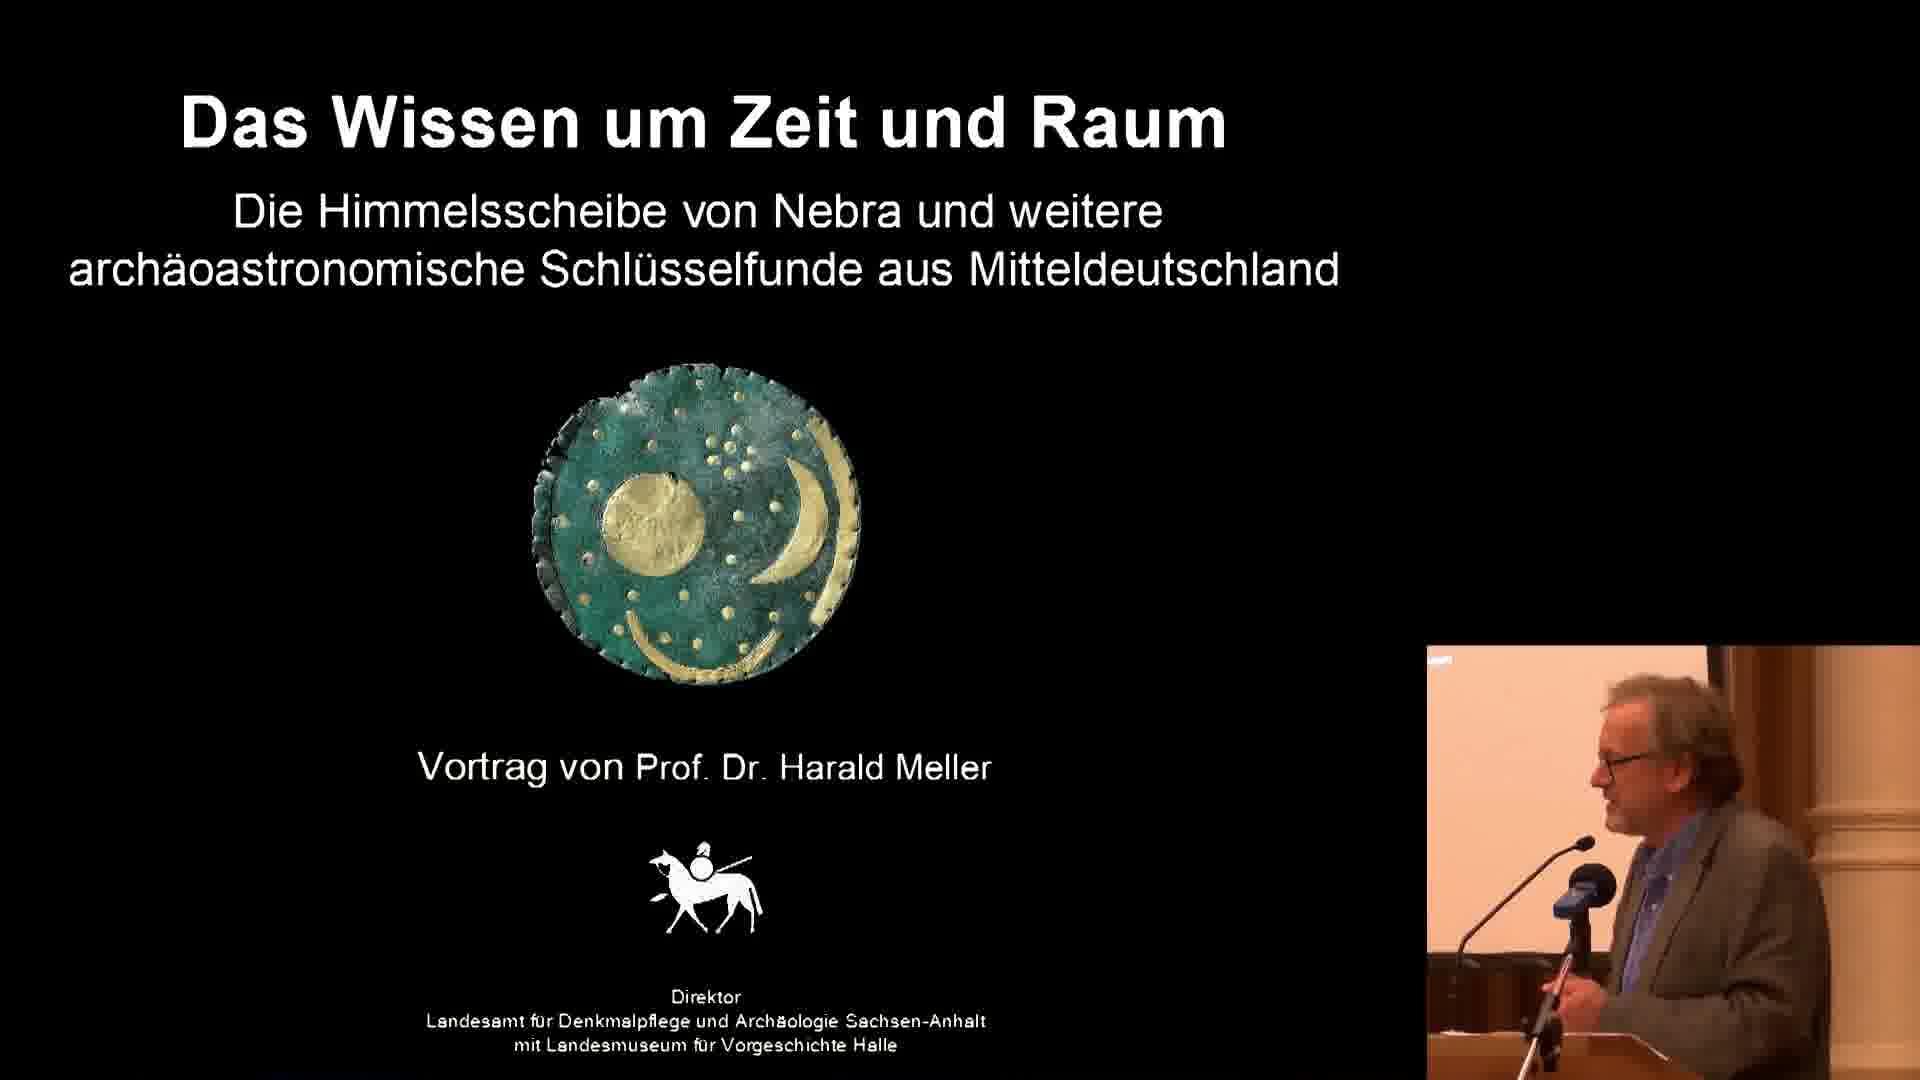 Planetarium 50 Jahre Jubiläum Vortrag von Prof. Dr. Harald Meller